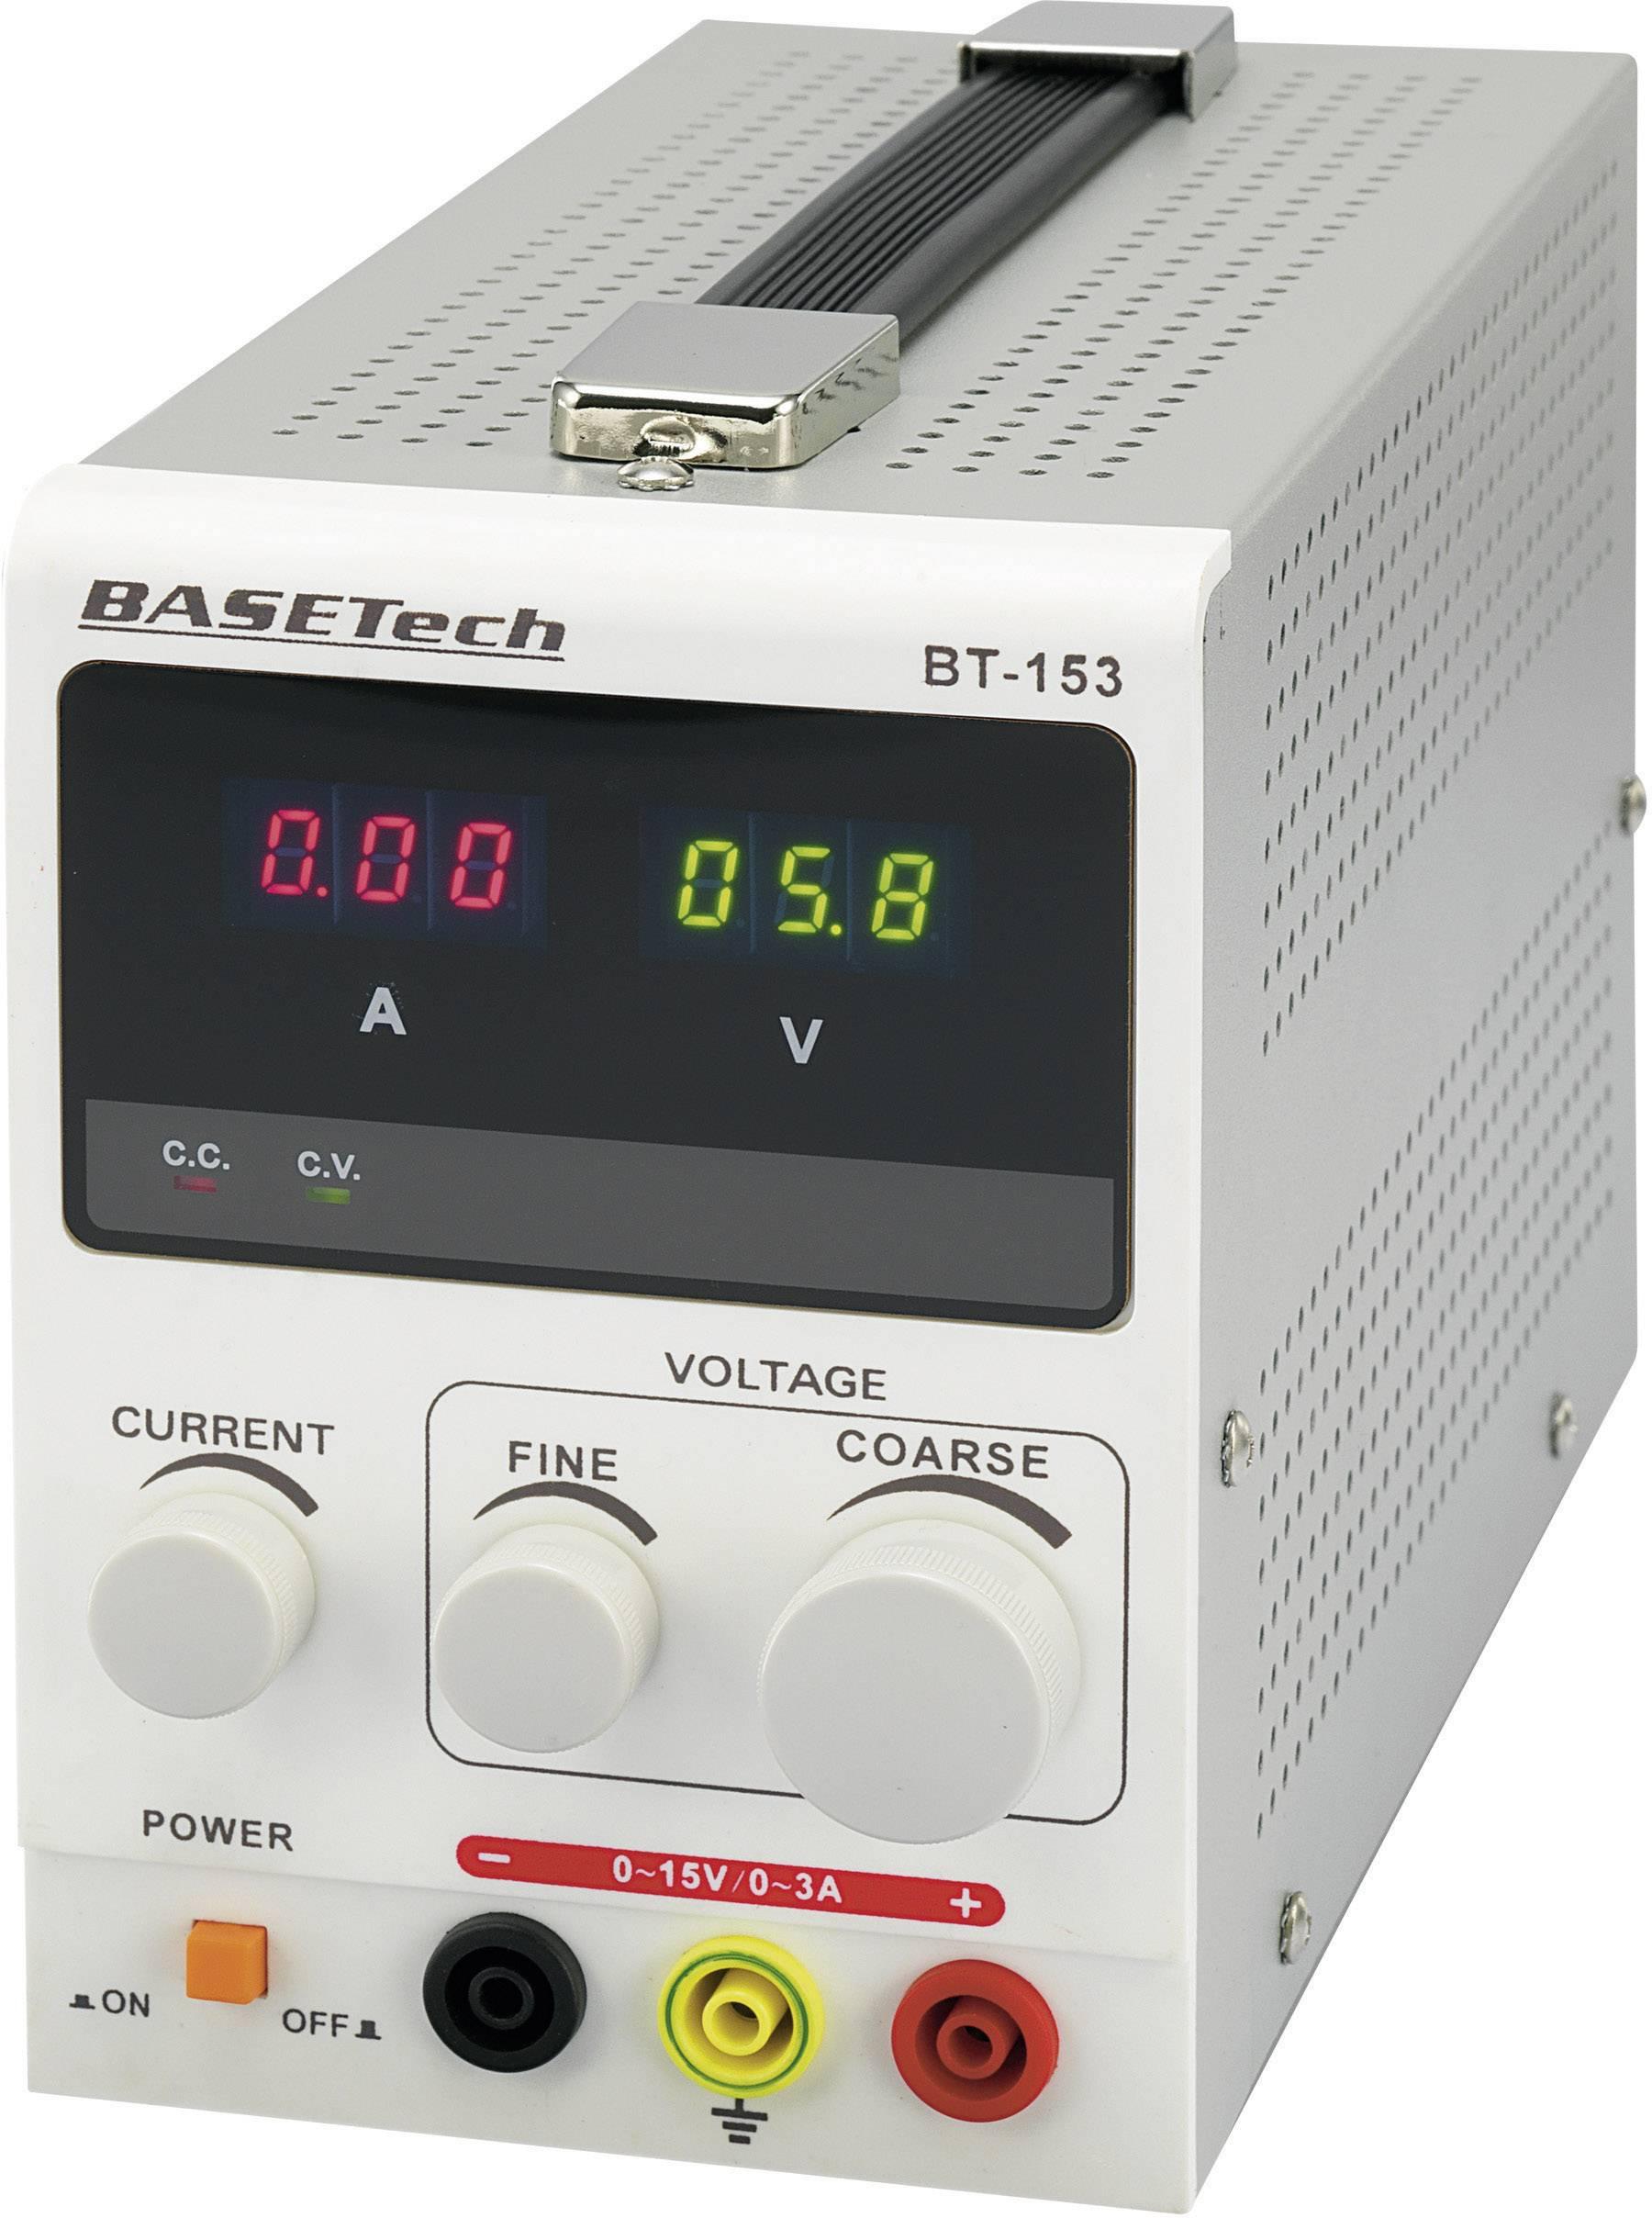 Laboratorní zdroj s nastavitelným napětím Basetech BT-153, 0 - 15 V/DC, 0 - 3 A, 45 W, kalibrace dle ISO